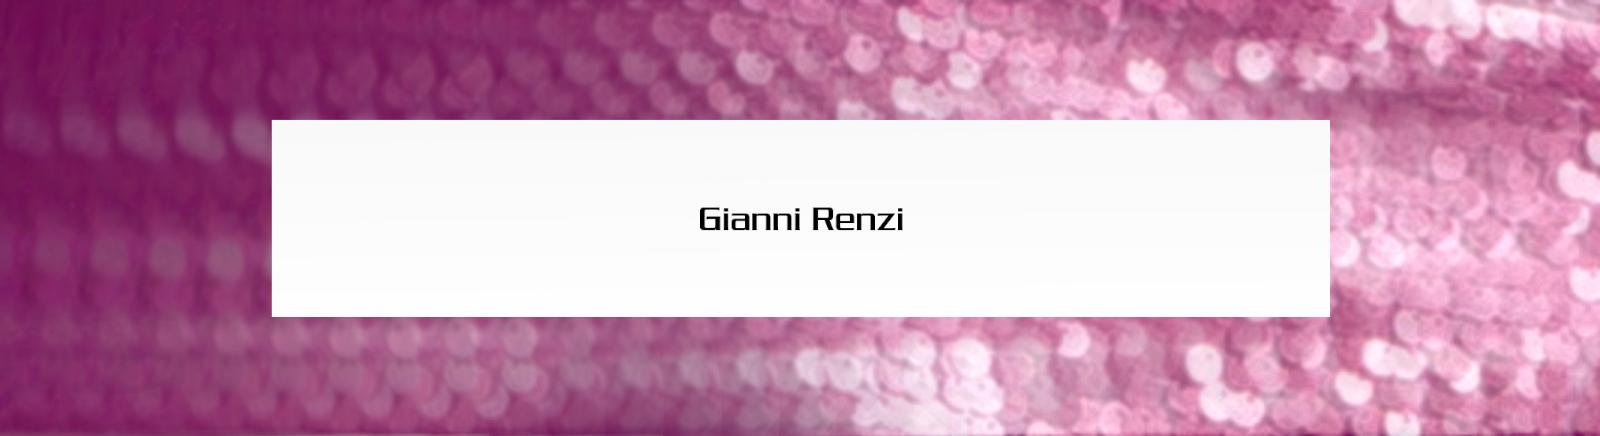 Gianni Renzi Damenschuhe online entdecken im Juppen Shop